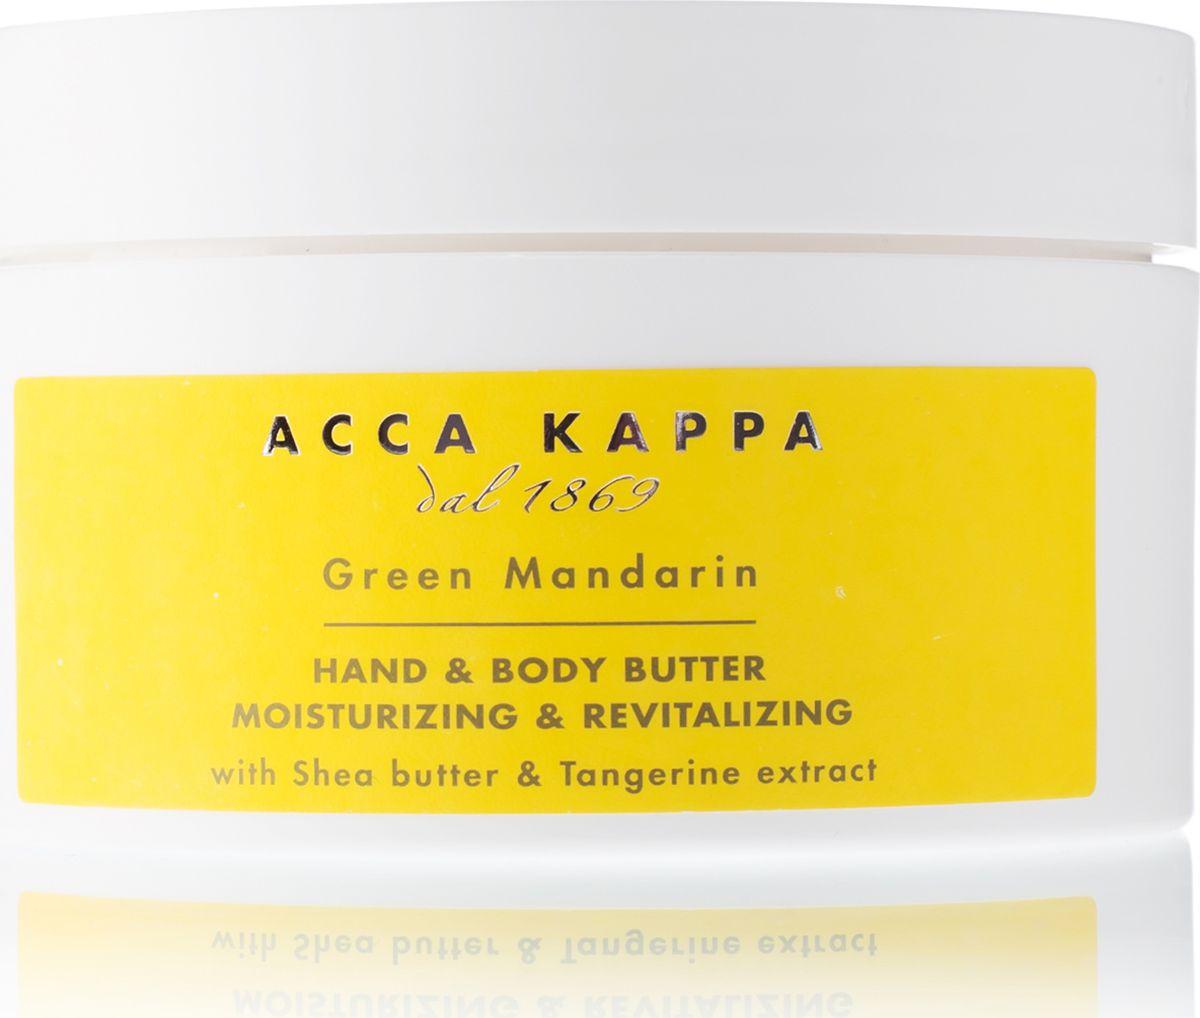 Acca Kappa Масло для рук и тела Зеленый Мандарин 200 мл40043Масло для рук и тела сделано из масла ши и обогащено экстрактом мандарина. Питает, восстанавливает и защищает кожу, оставляя ее естественно увлажненной.